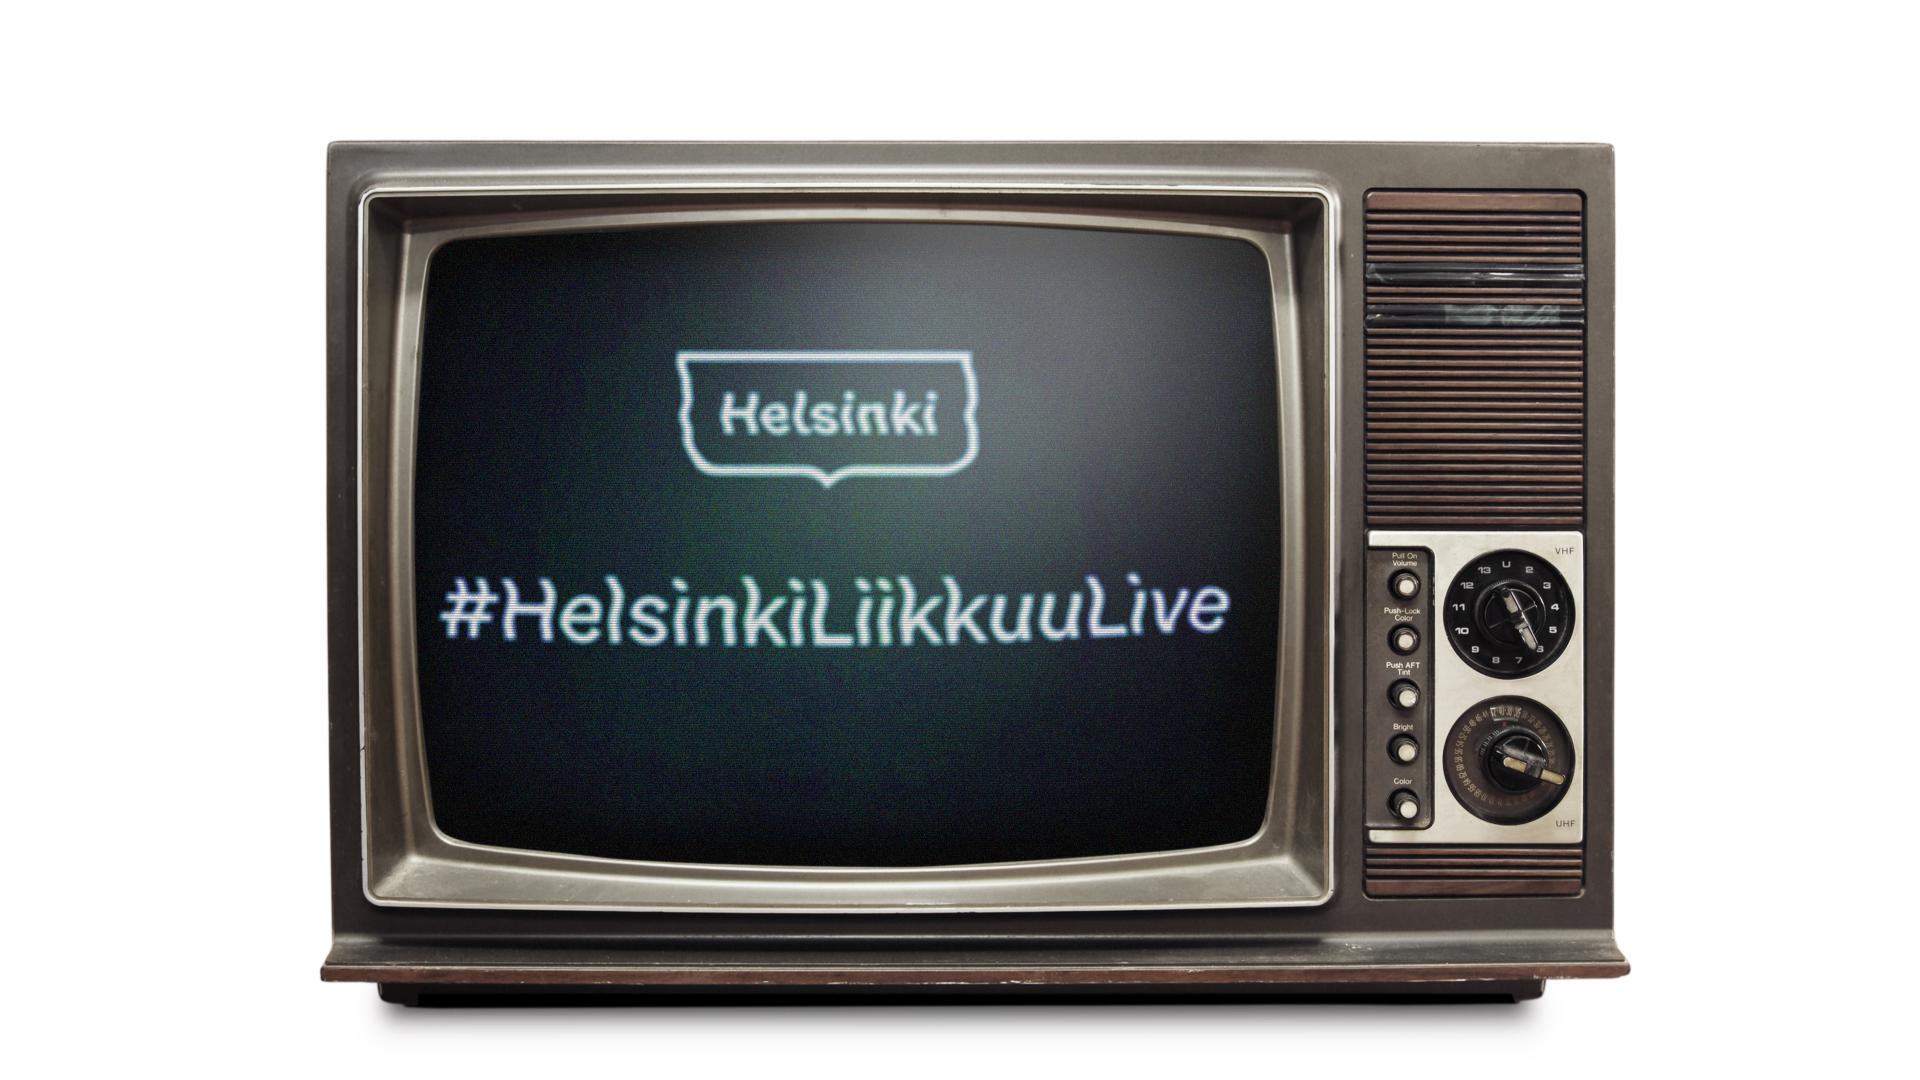 Linkki tapahtumaan #HelsinkiLiikkuuLive